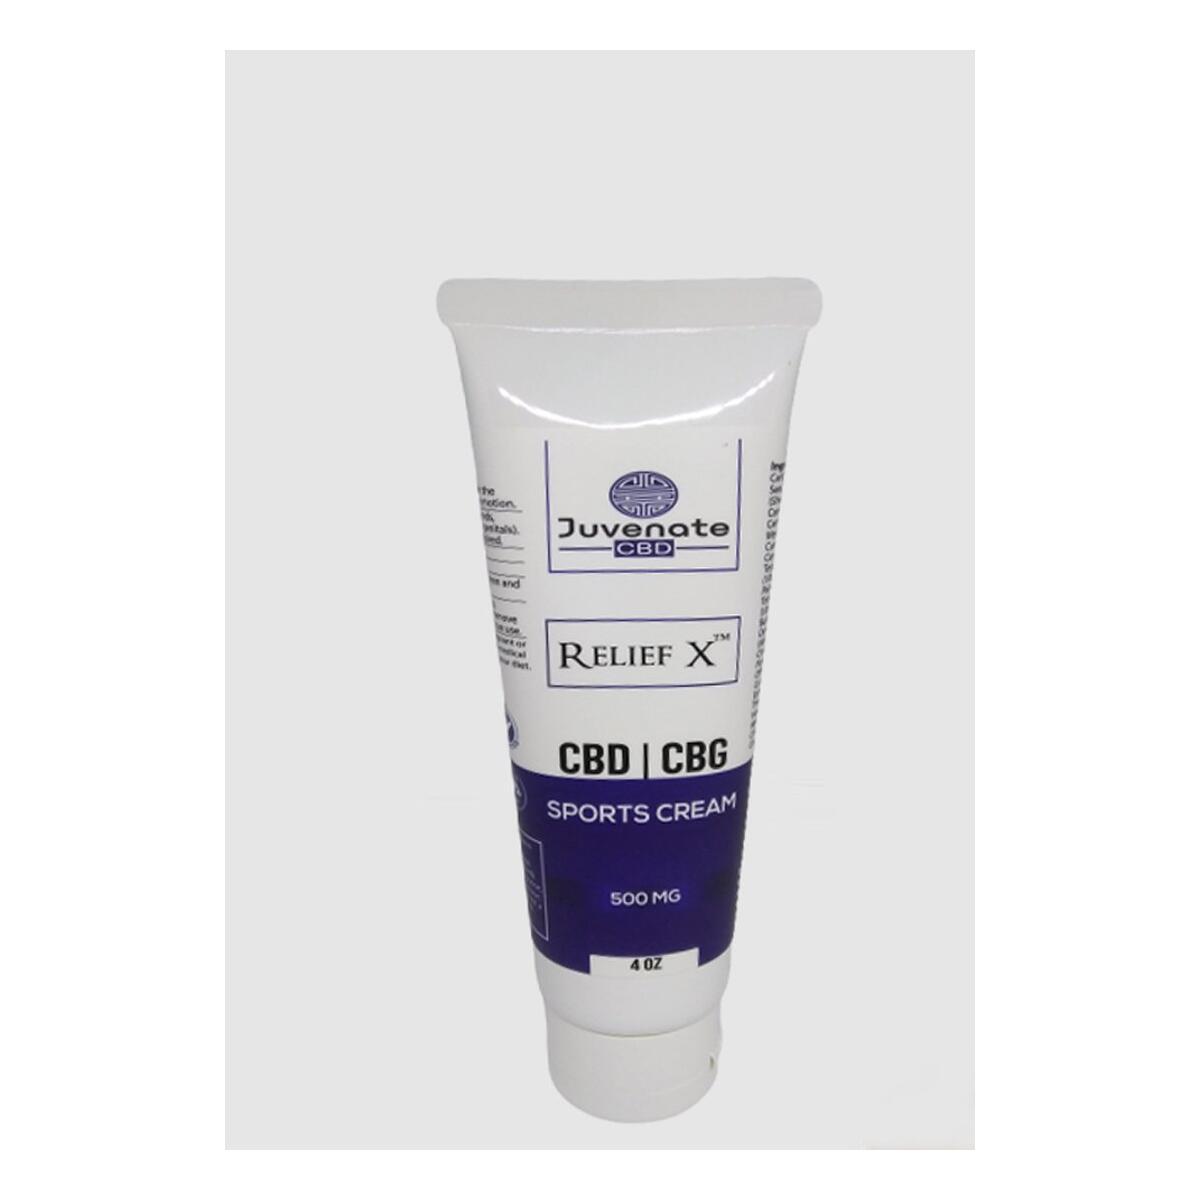 CBD/CBG Sports Cream